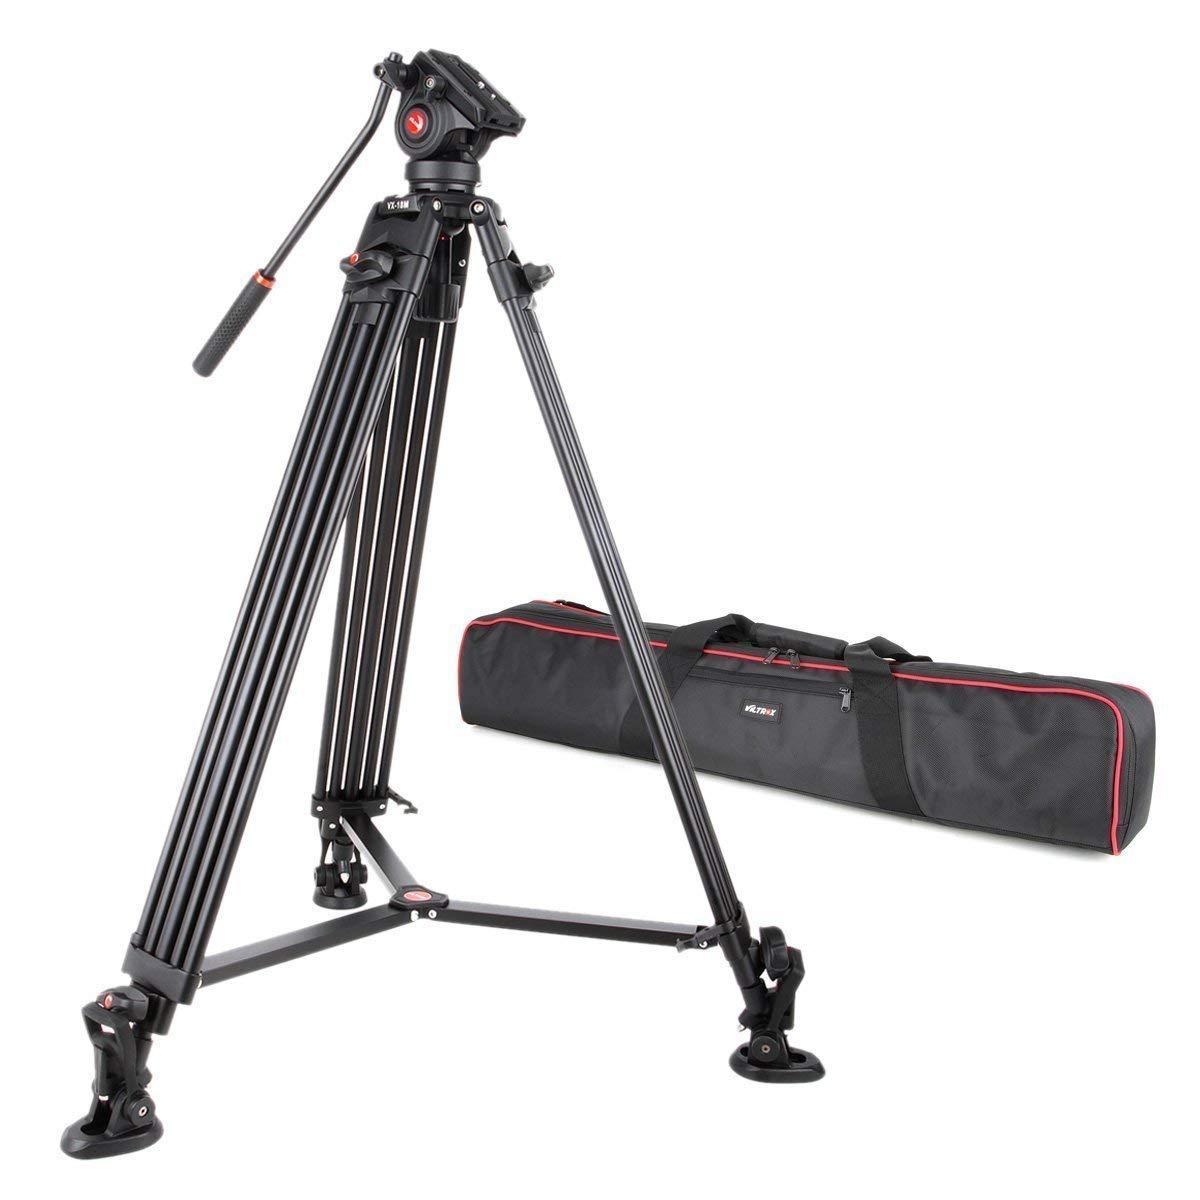 2019最新のスタイル VILTROX アルミ三脚 VX-18M VILTROX ビデオカメラ三脚 クイックリリースプレート付き 3段階伸縮 360回転 最大荷重6kg 最大荷重6kg 収納袋付き VX-18M B07QPLS3WP, 広島バラ園:521e2ce9 --- arianechie.dominiotemporario.com